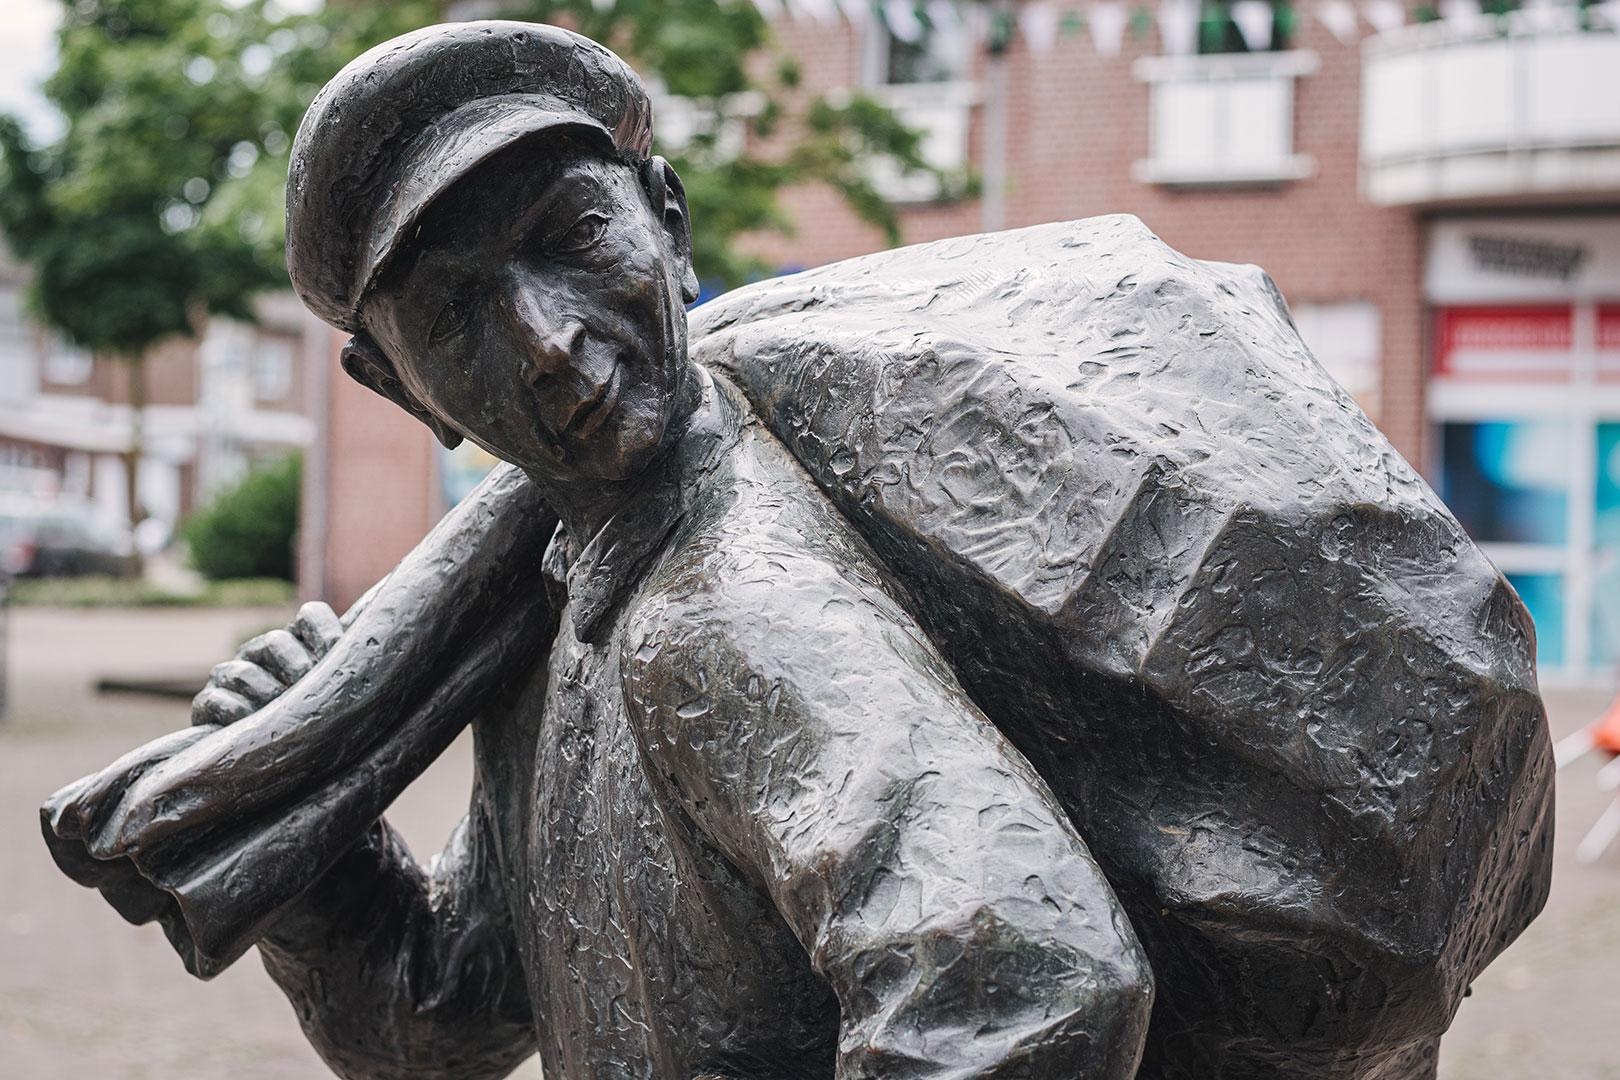 Statue in Suderwick